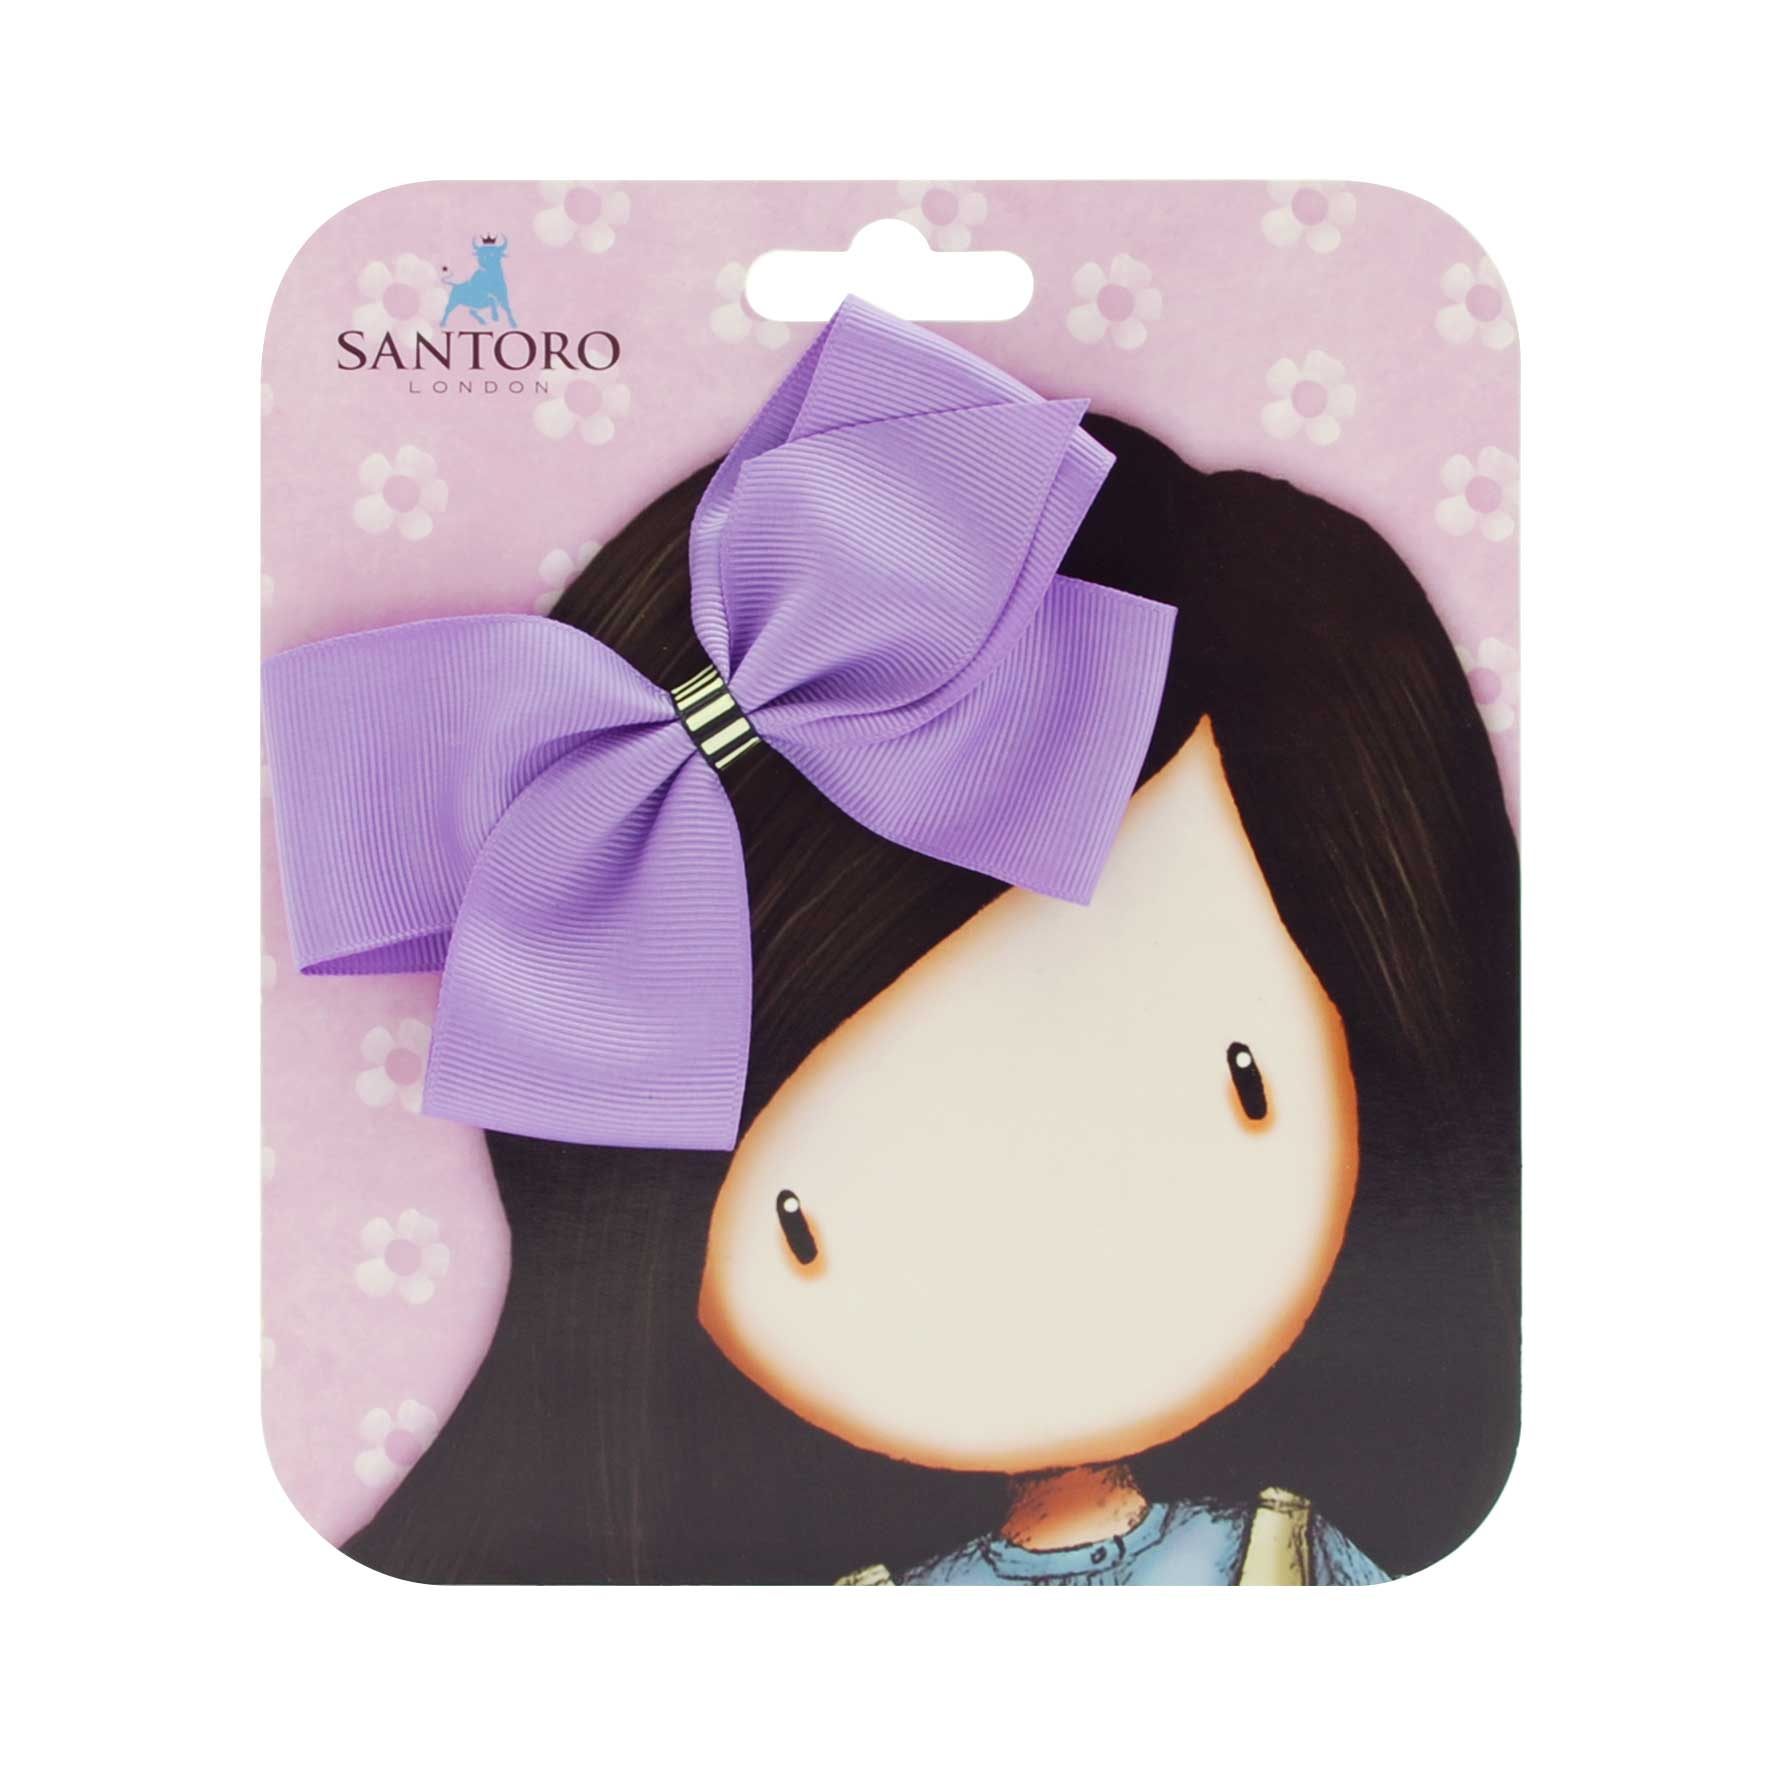 Santoro London - Sponka do vlasů Mašlička - Gorjuss - Hyacinth fd0785e64a